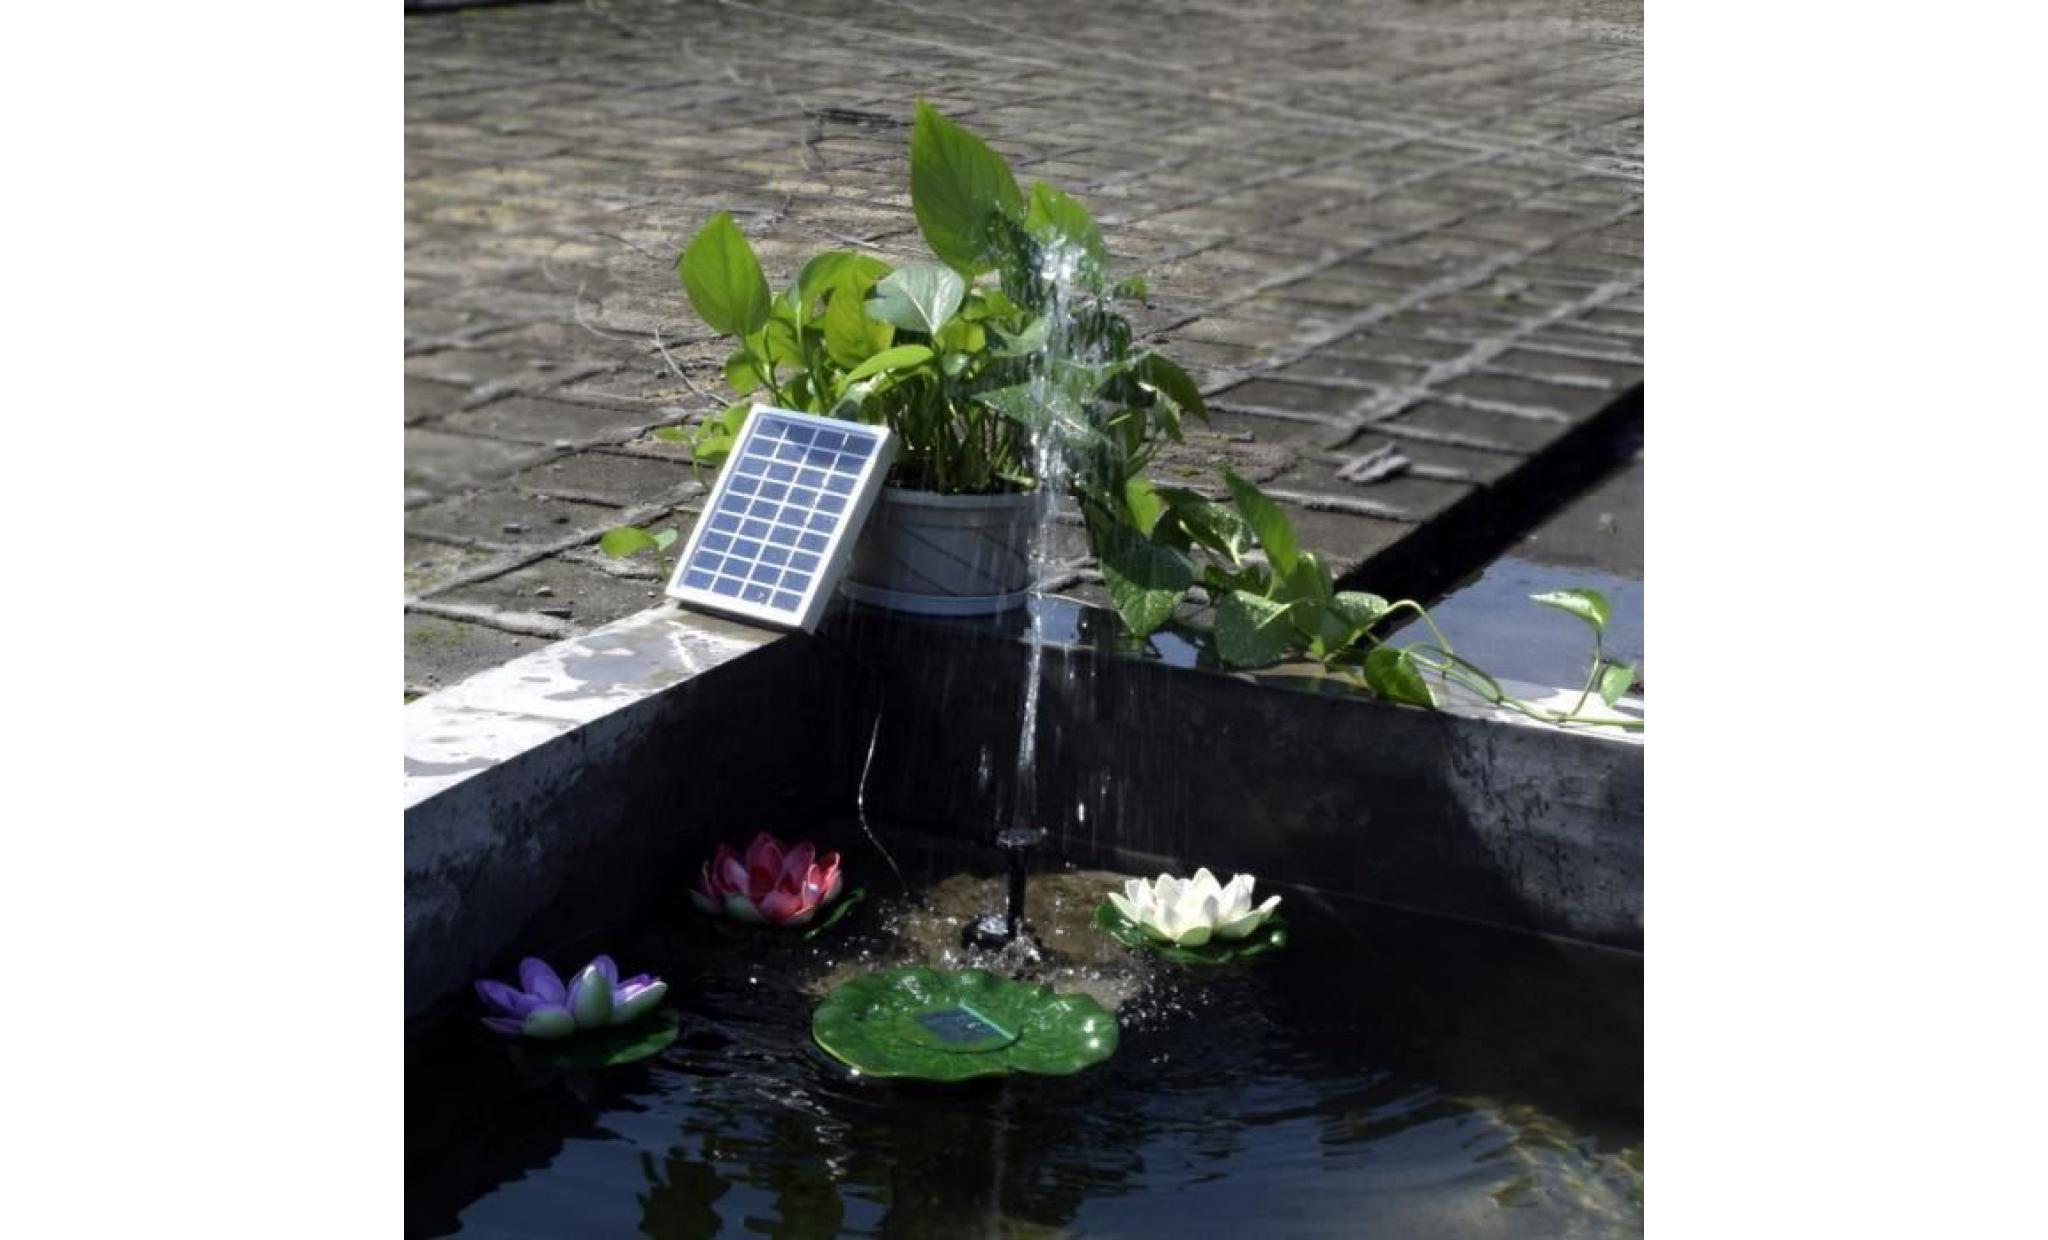 Kit Bassin De Jardin. Kit Pompe Solaire Pour Bassin De ... encequiconcerne Kit Bassin De Jardin